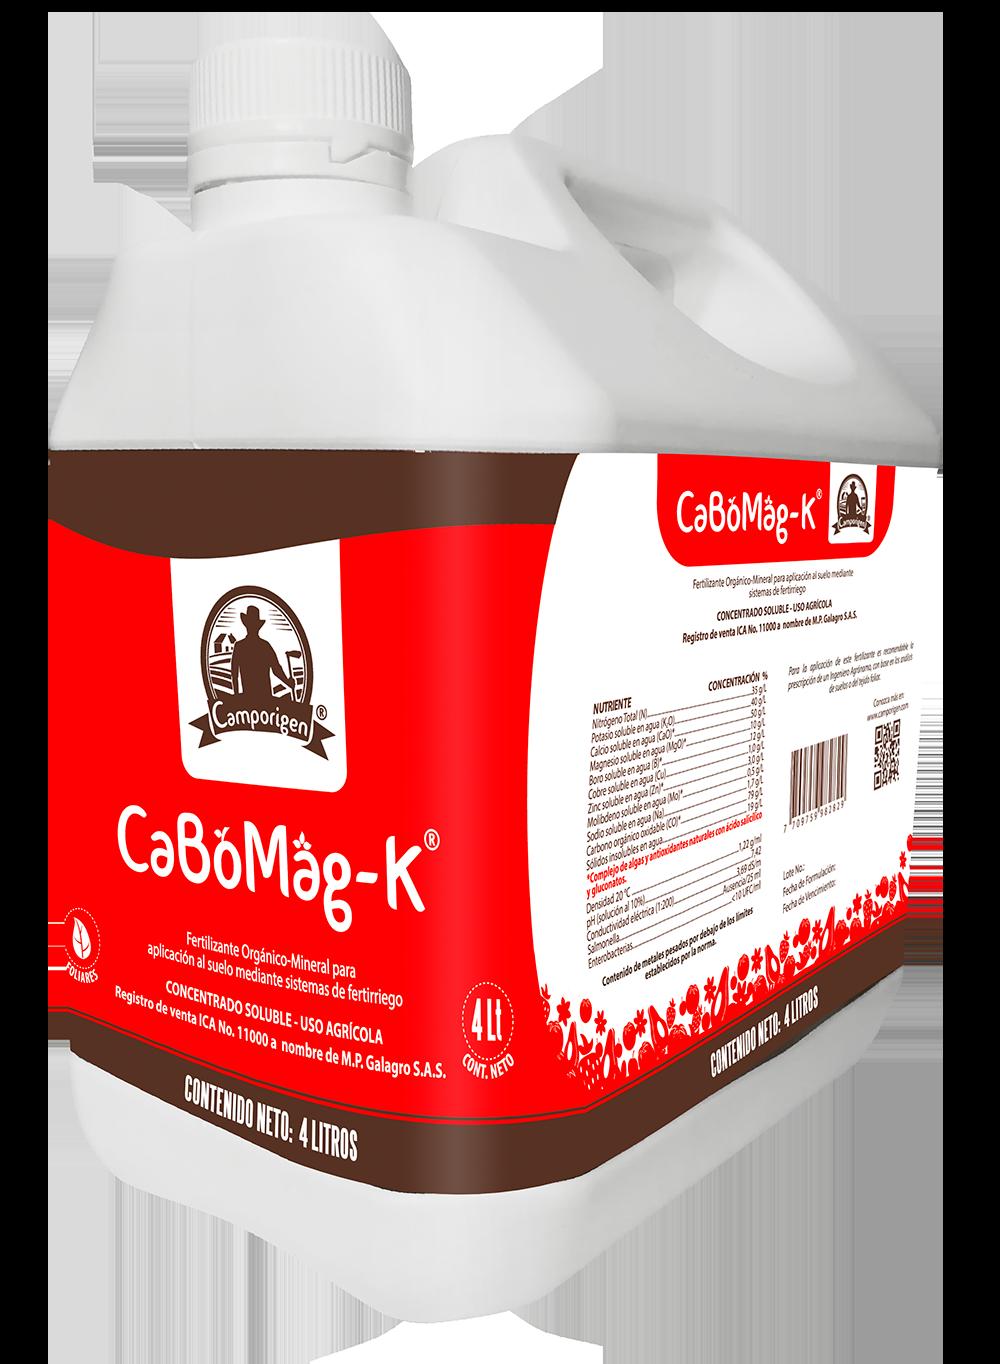 111988-Cabomag-4-lt..png